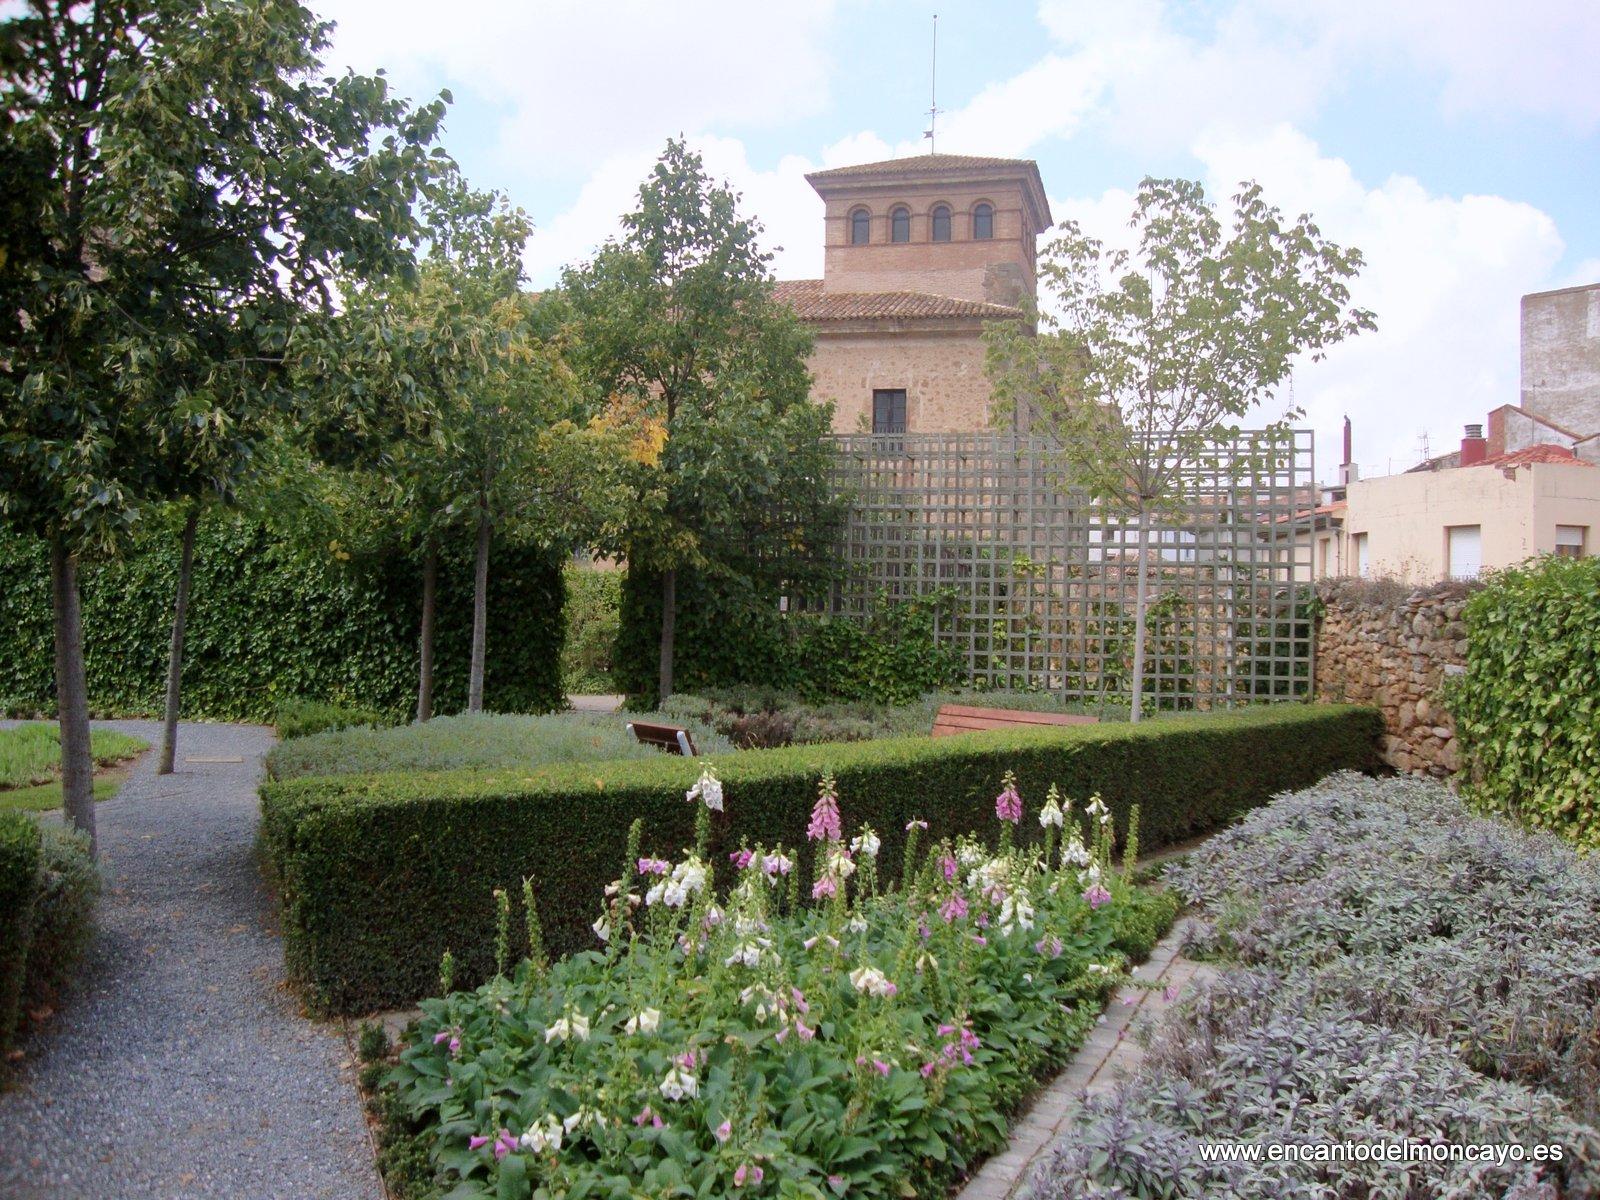 Encanto del moncayo palacio y jardines de los castejones for Jardines barrocos